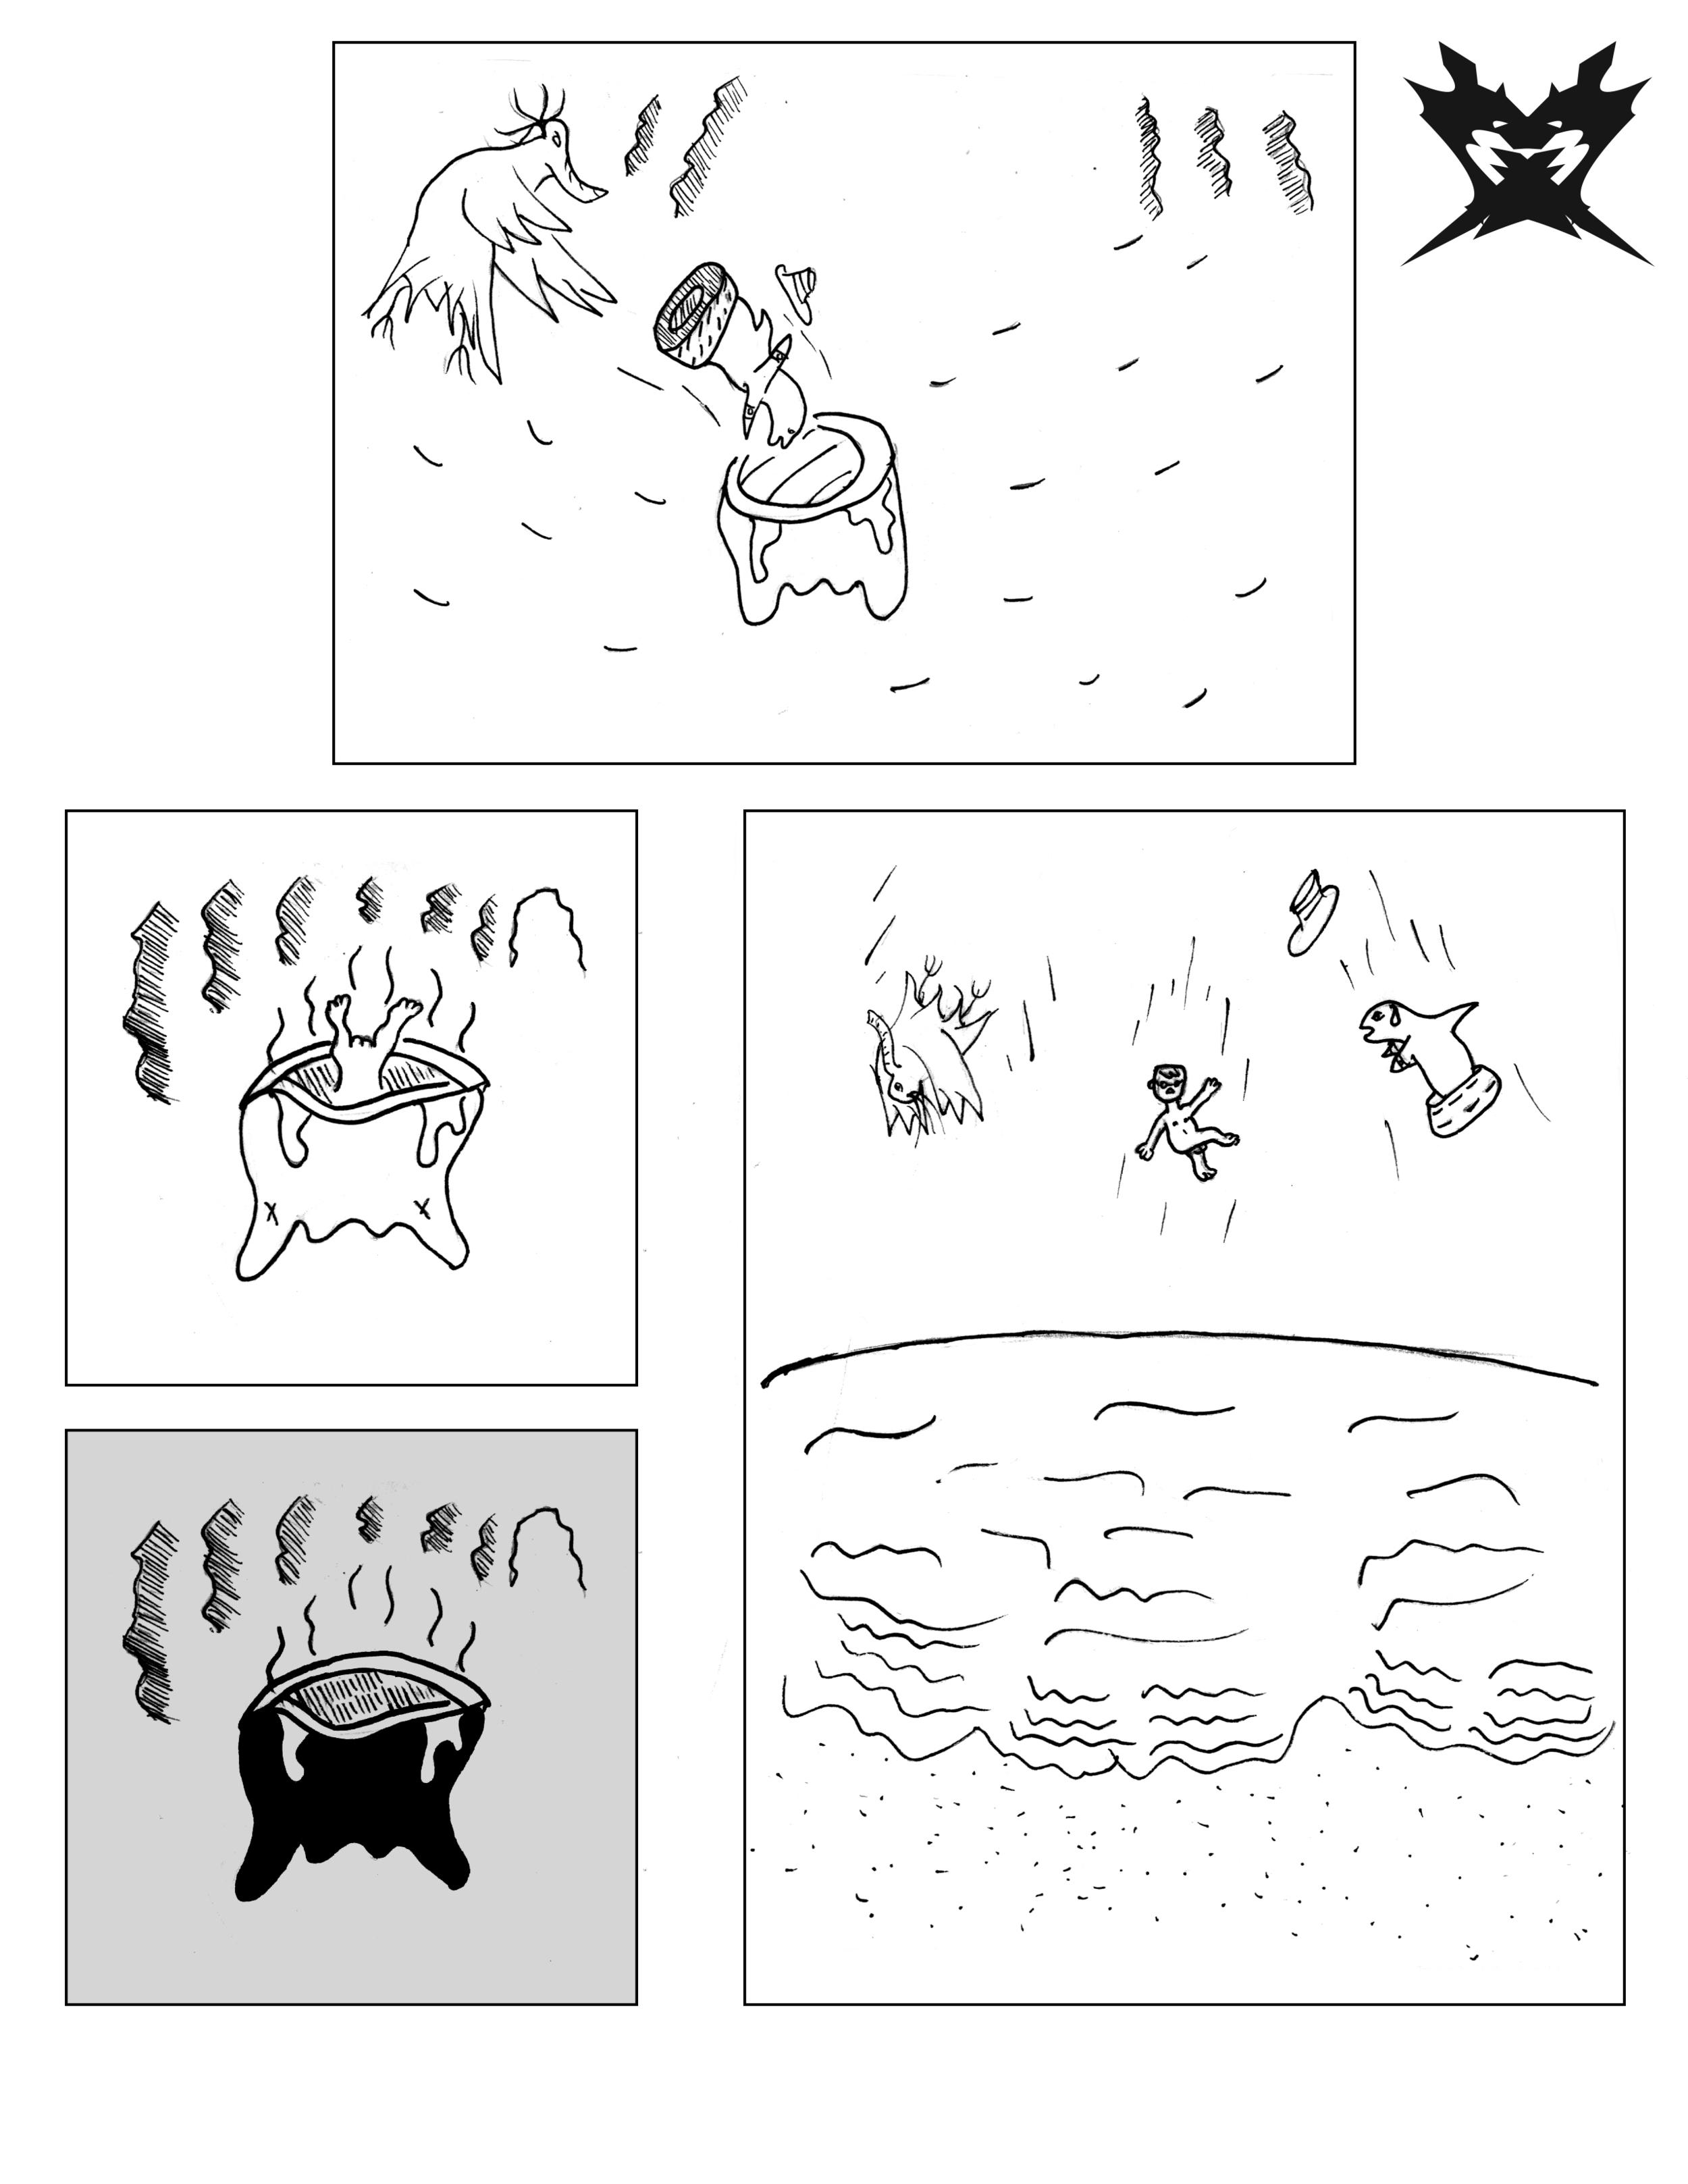 Transition2.jpg